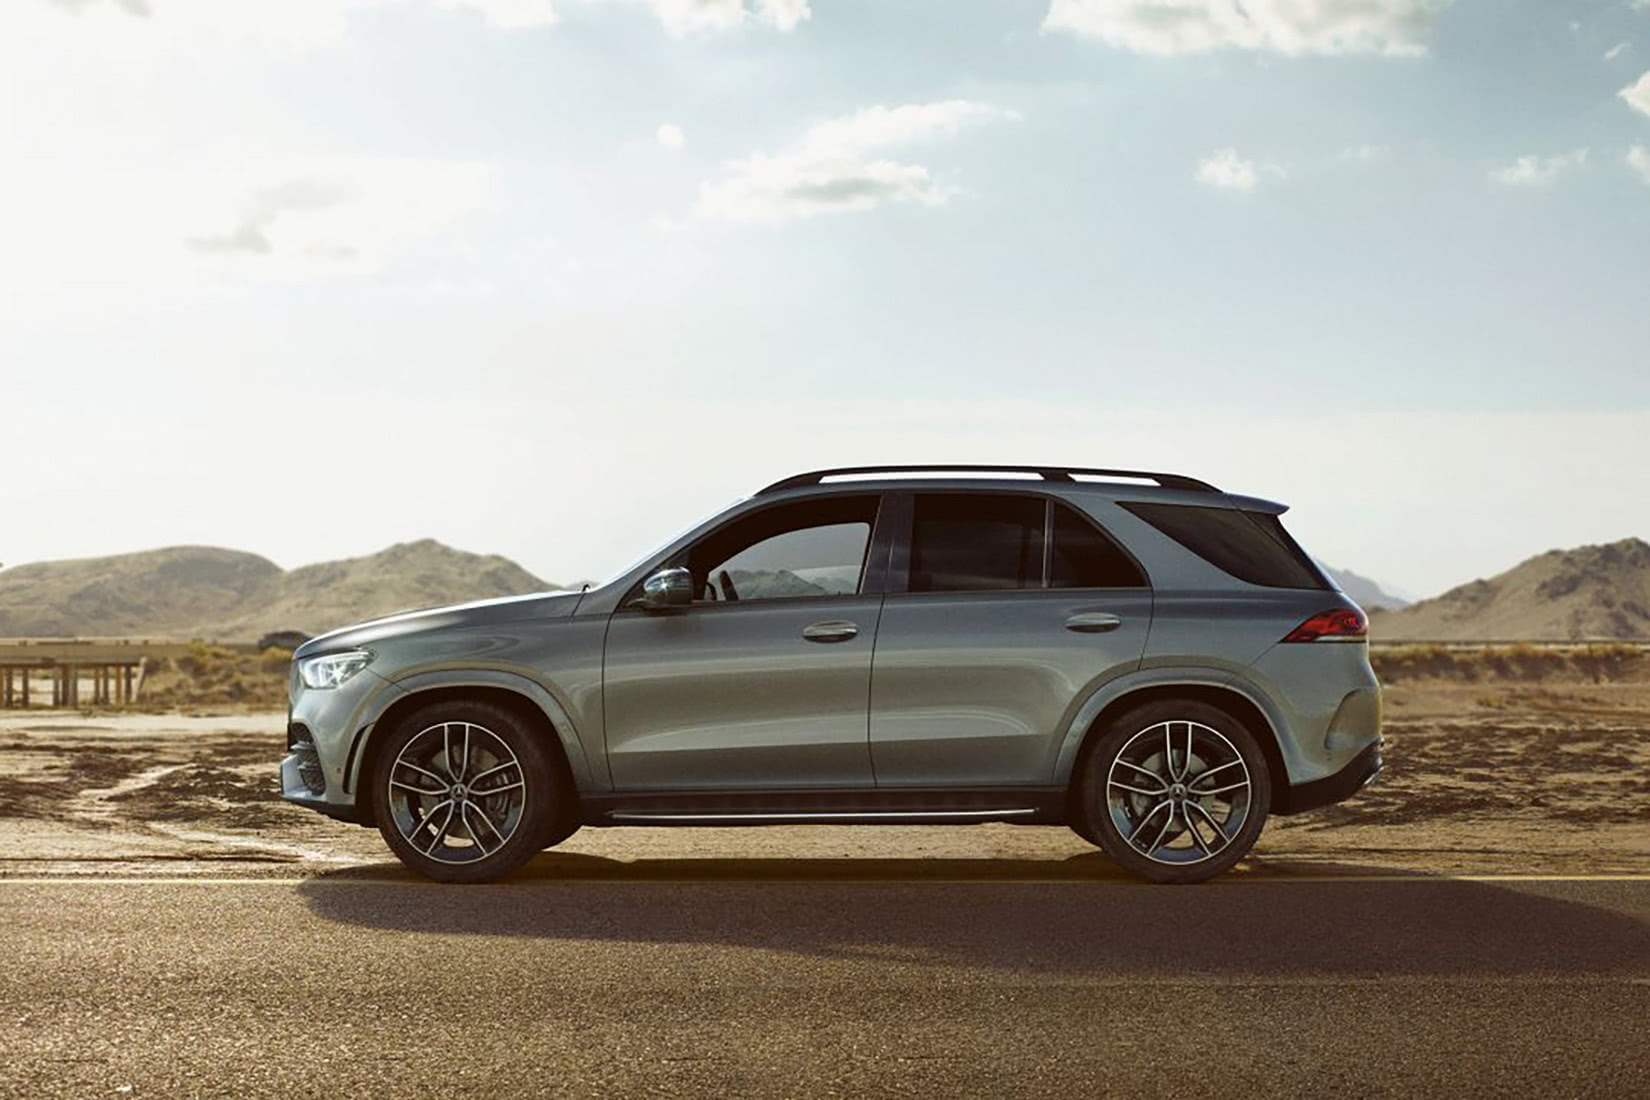 best luxury suv 2021 Mercedes-Benz GLE - Luxe Digital